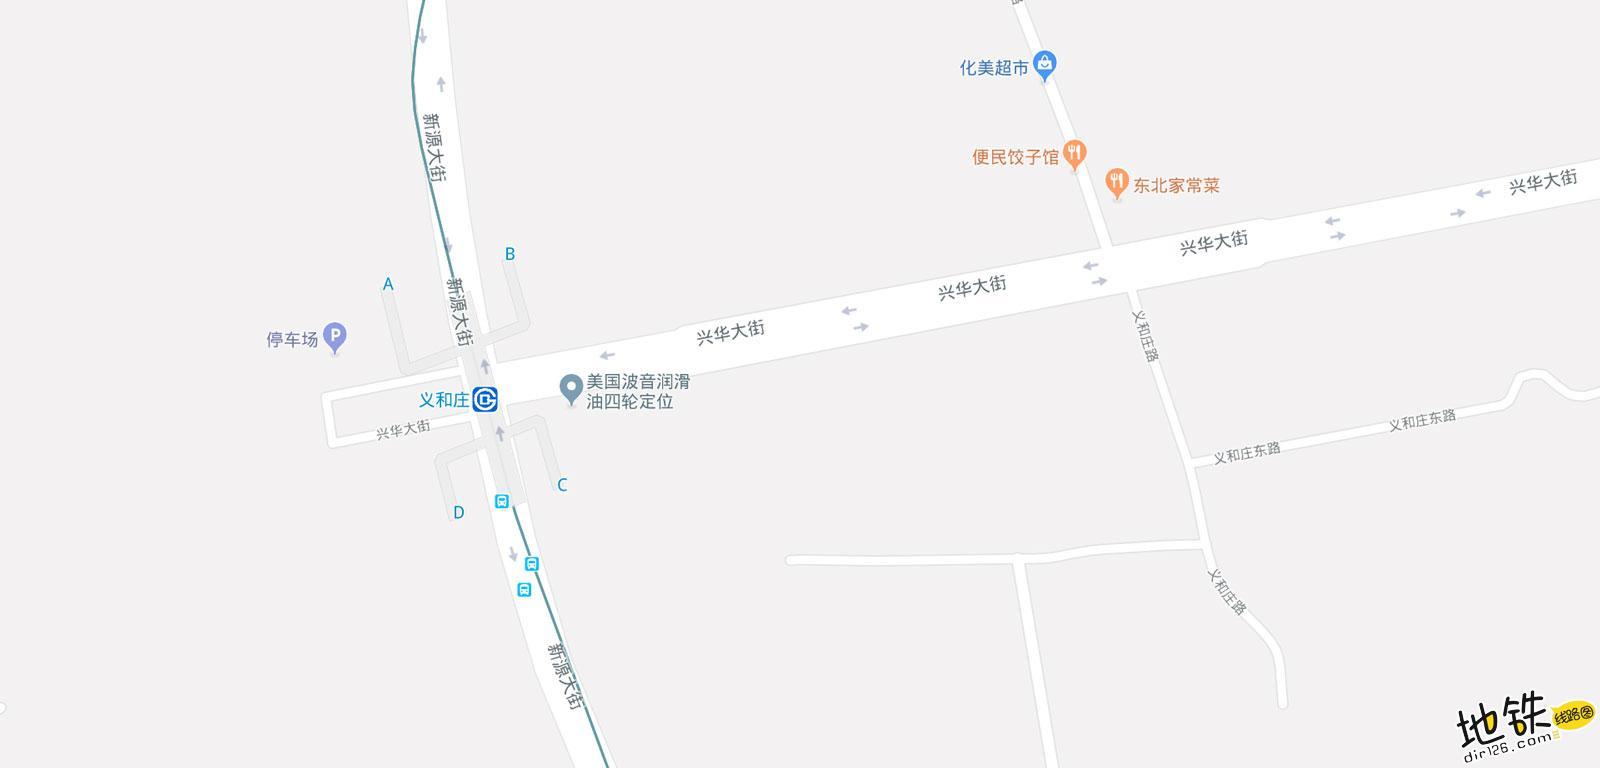 义和庄地铁站 北京地铁义和庄站出入口 地图信息查询  北京地铁站  第2张